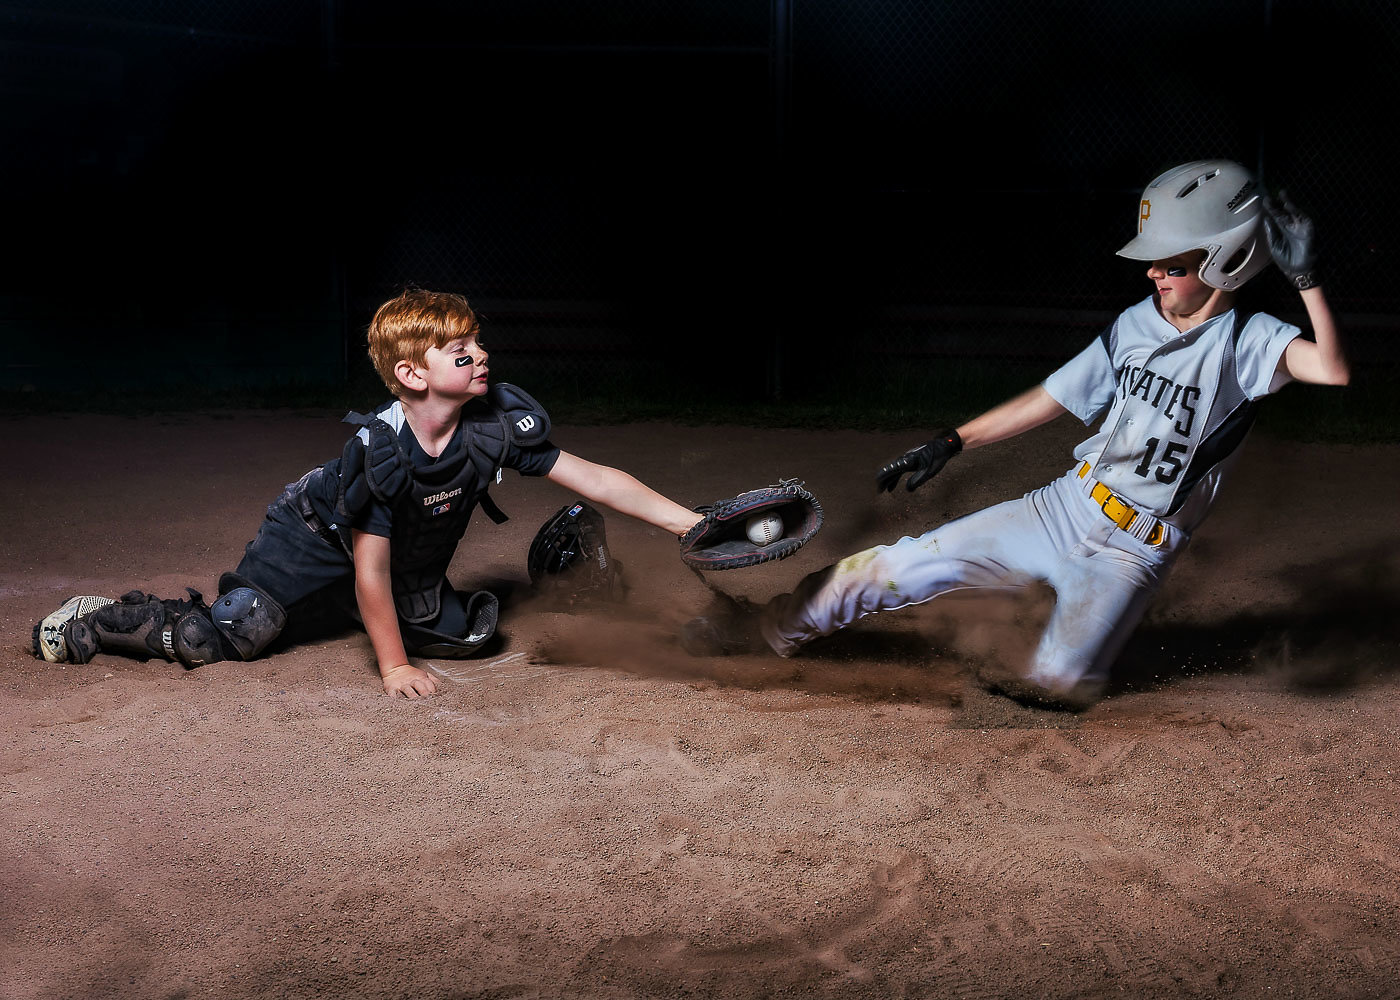 Parky'sPicsSportraits-HumboldtCountySportsPhotography-Parky'sPics-18.JPG